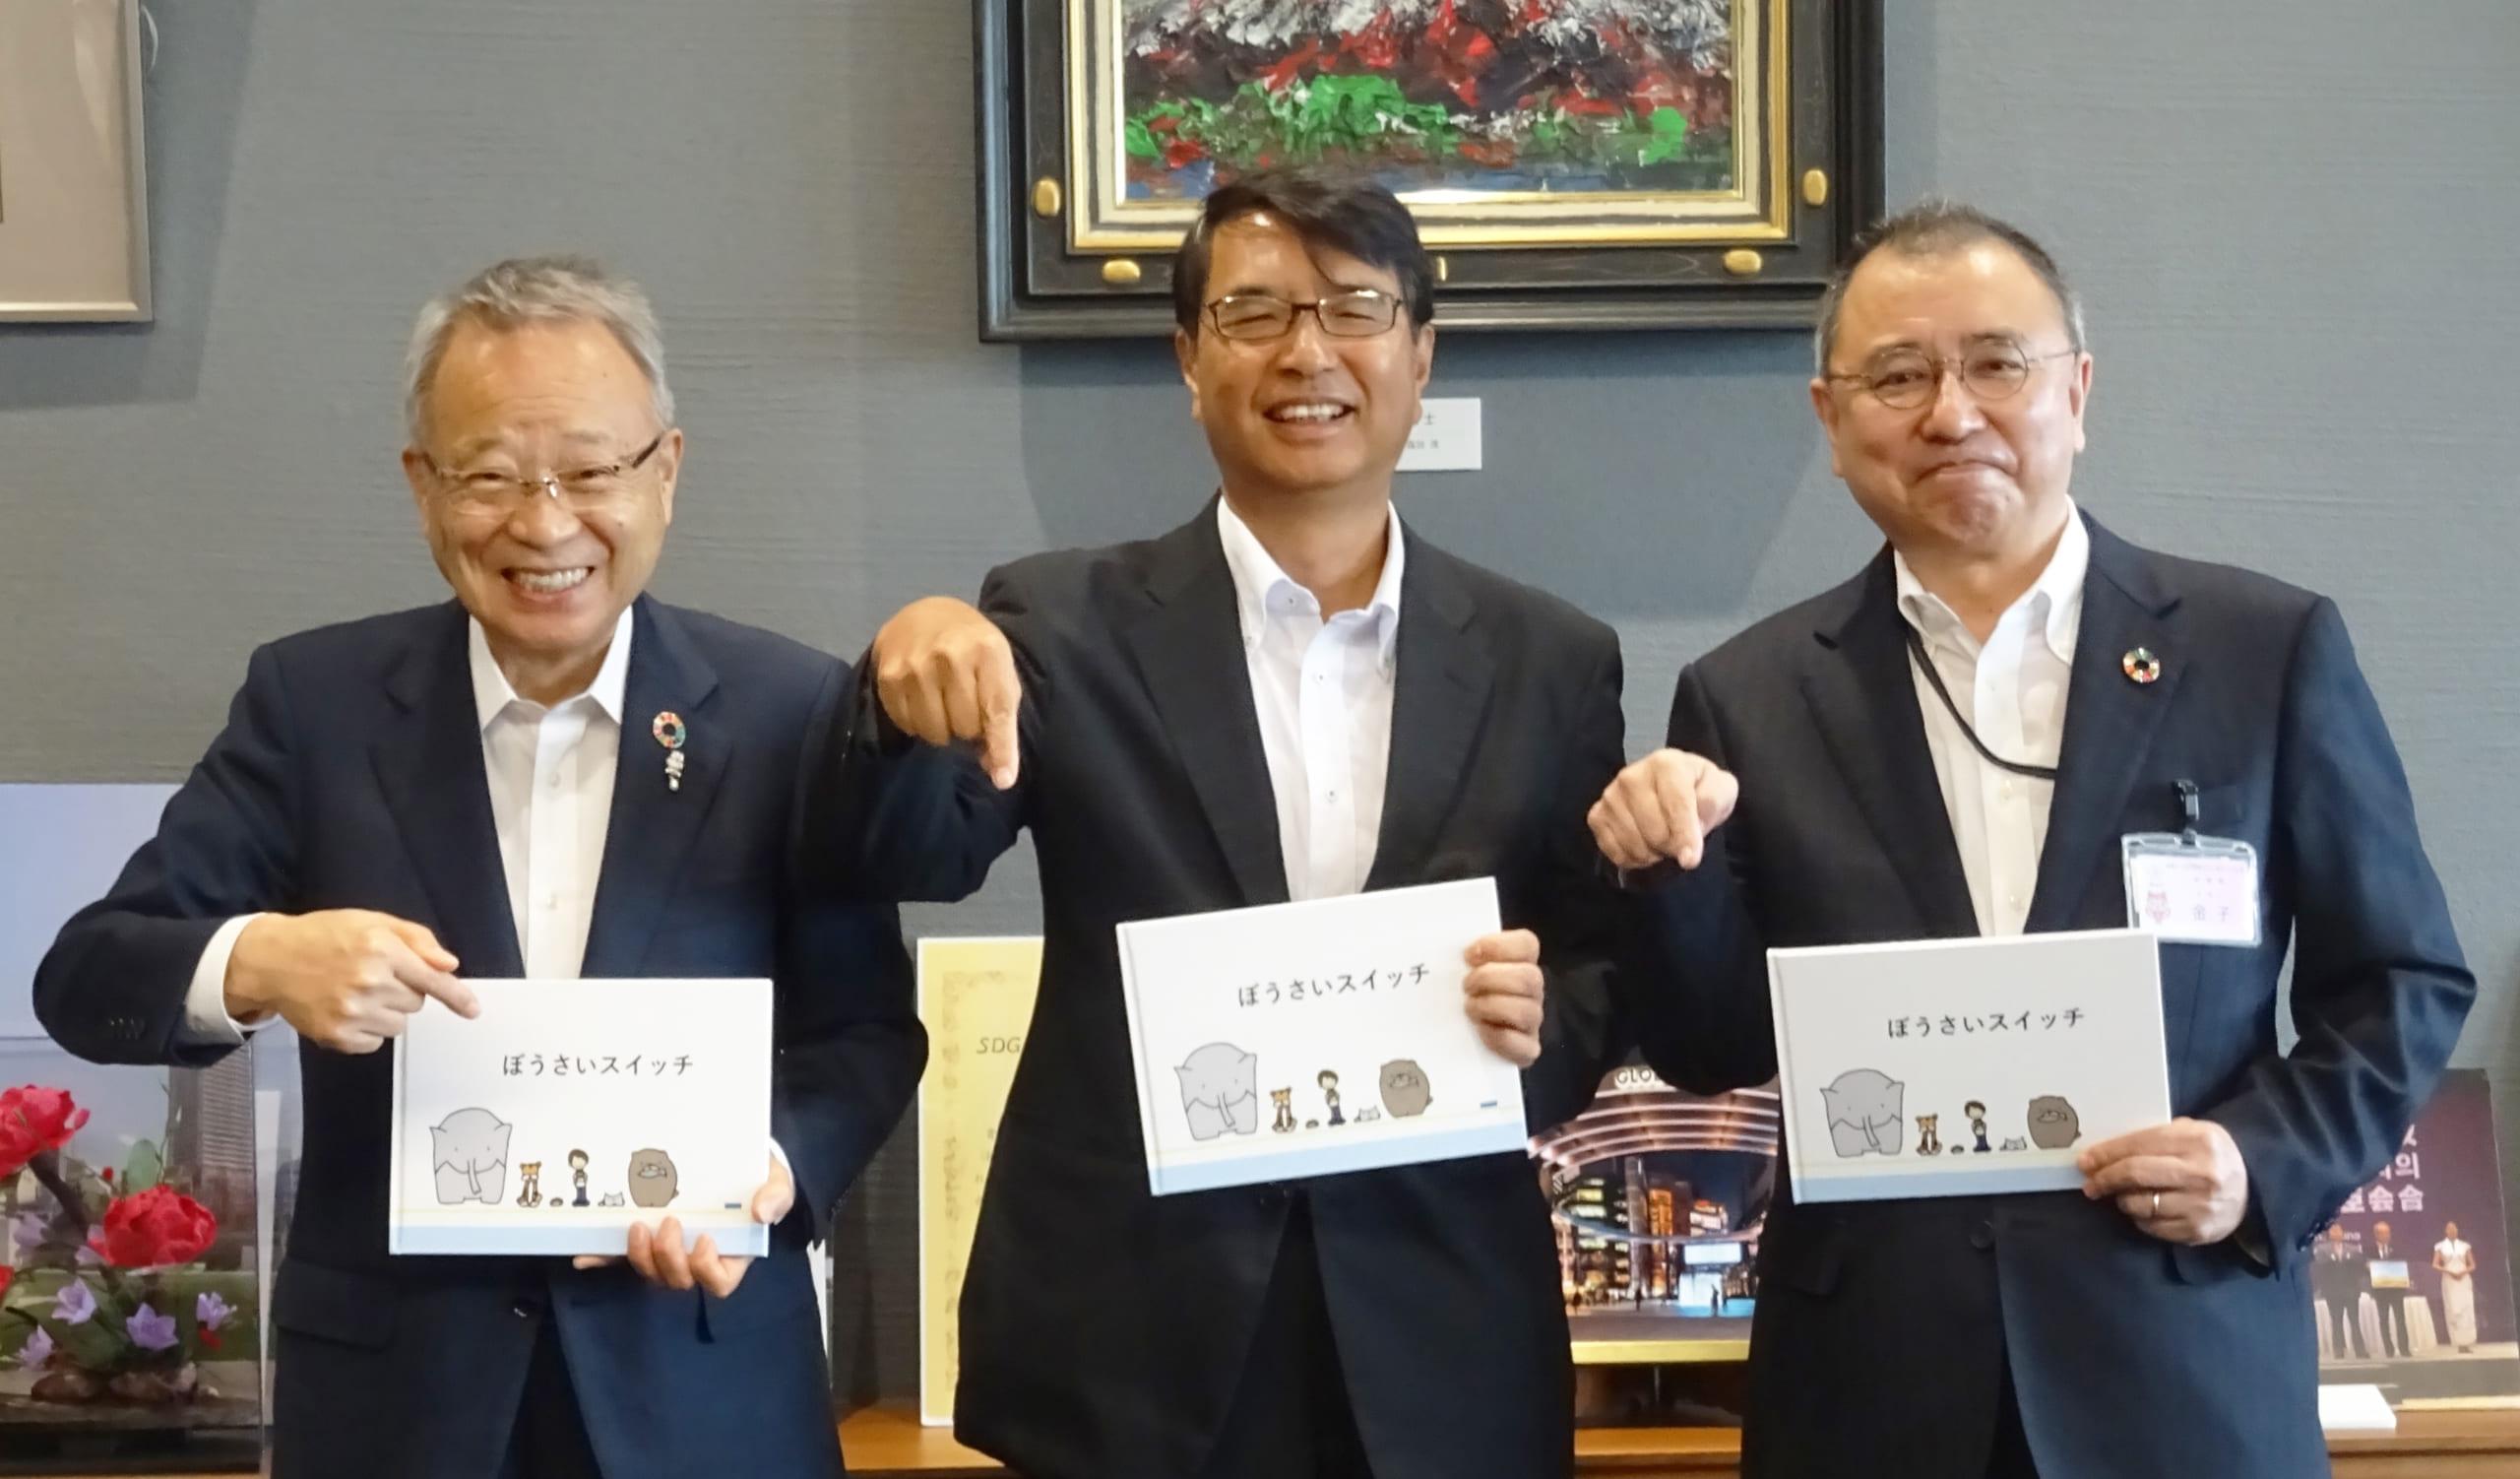 (左から)豊島区 高野之夫区長、日本気象協会 理事長 長田太、豊島区教育委員会 金子智雄教育長